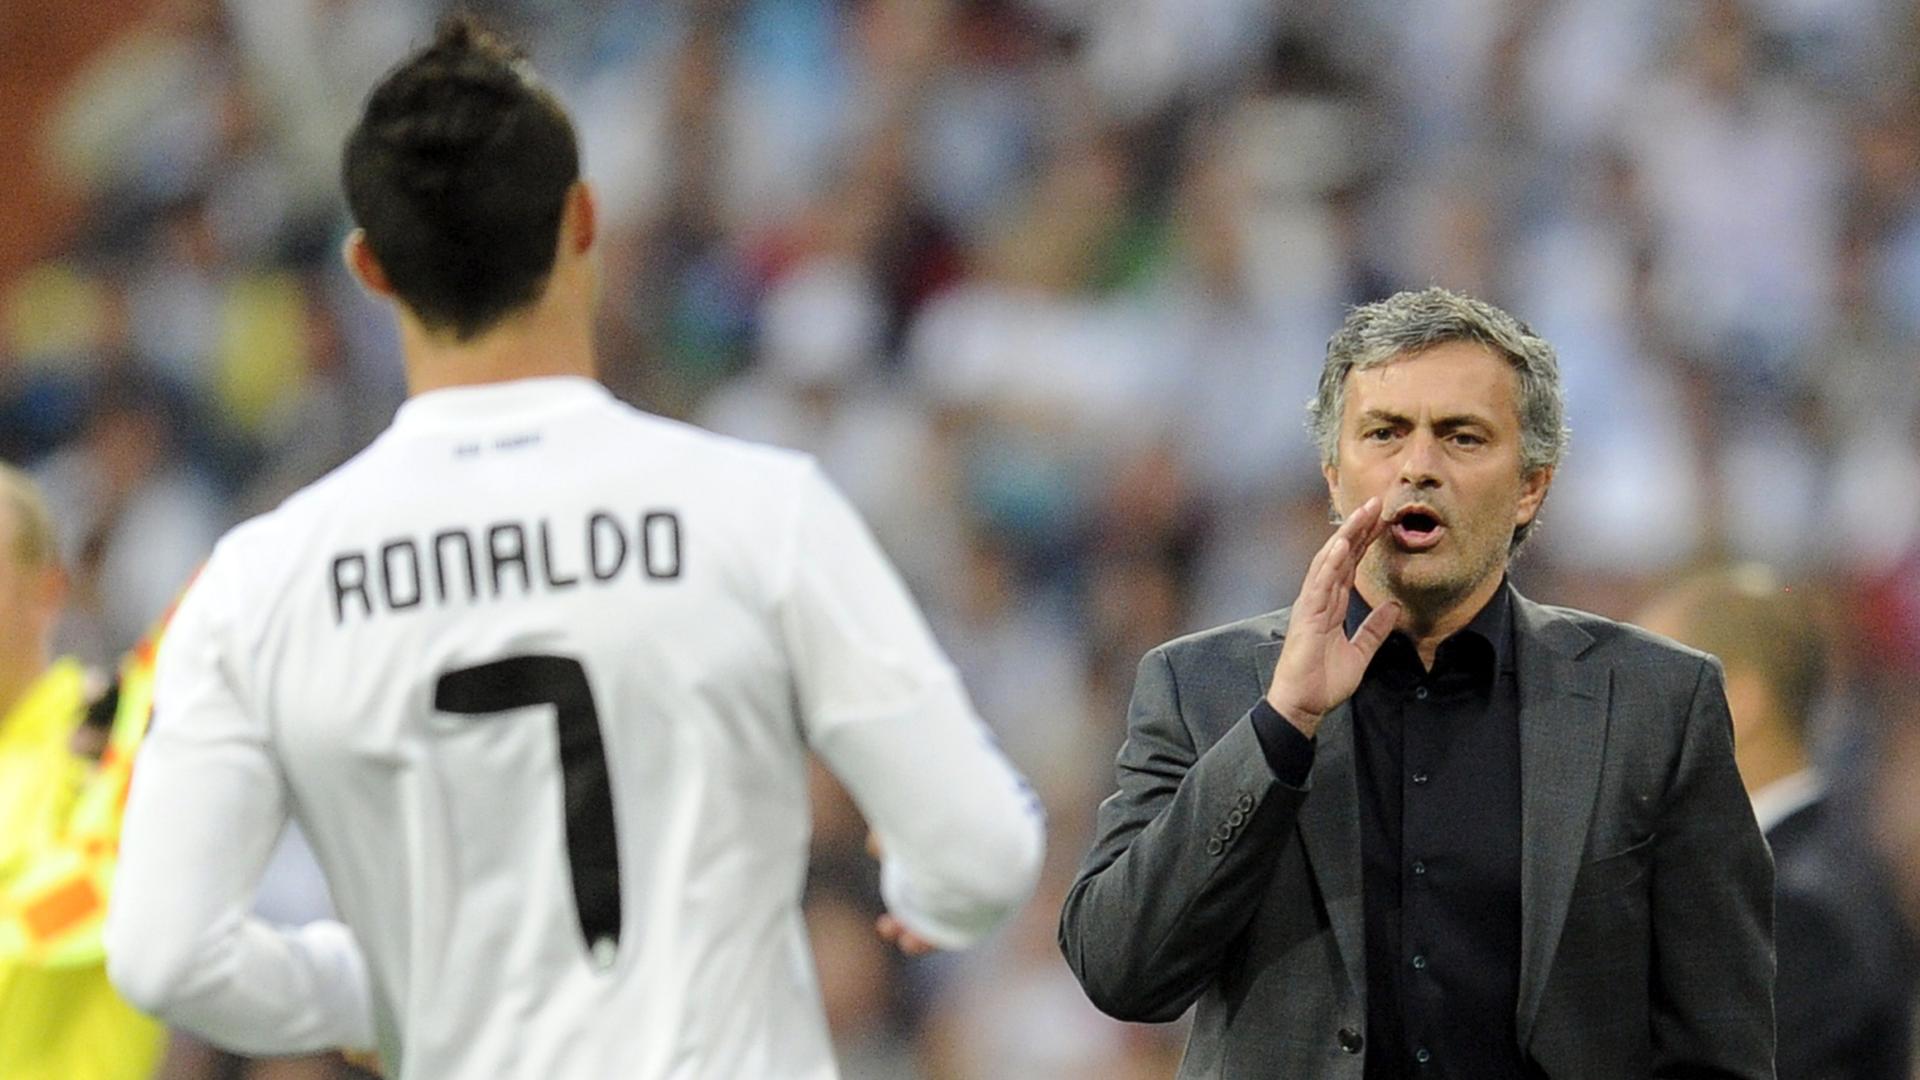 Ultime notizie Juventus: infortunio Mandzukic, cosa s'è fatto e quanto sta fuori